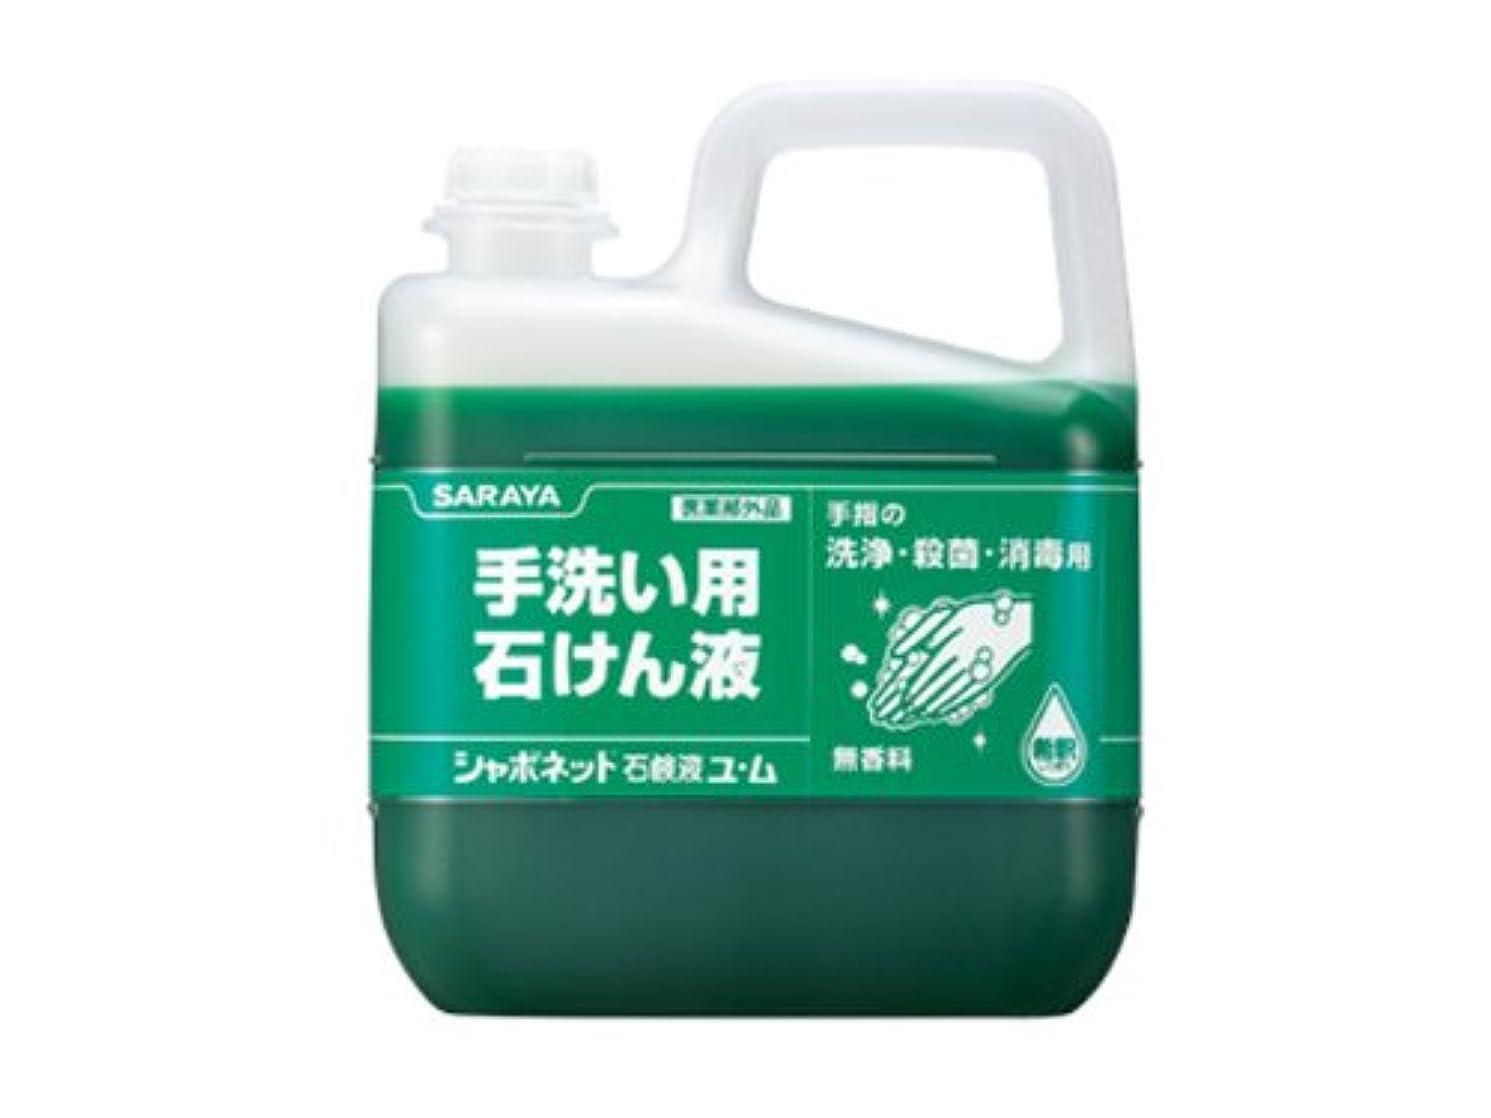 寝室を掃除する効果的に類似性サラヤ シャボネット石鹸液ユ?ム 5KgX3本入り